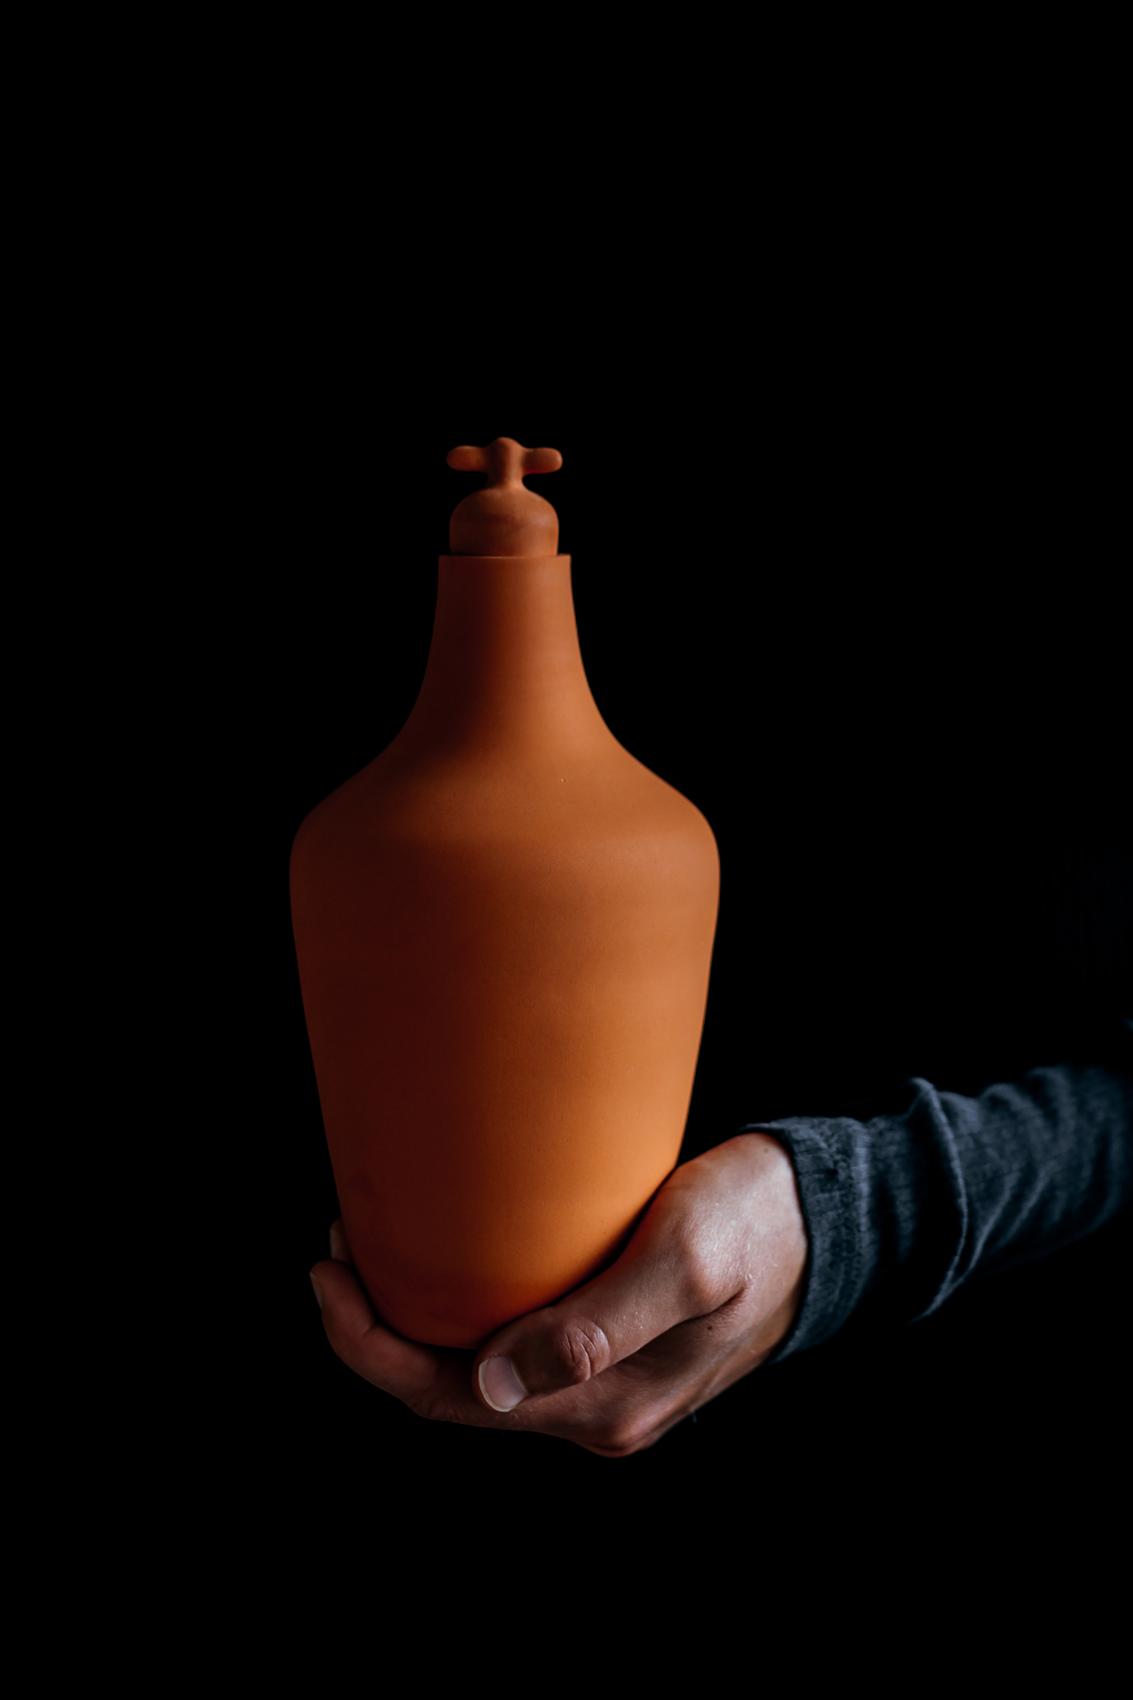 Vij5 Tap Water Carafe Design Karaf LottedeRaadt Image By Ingrid Hofstra